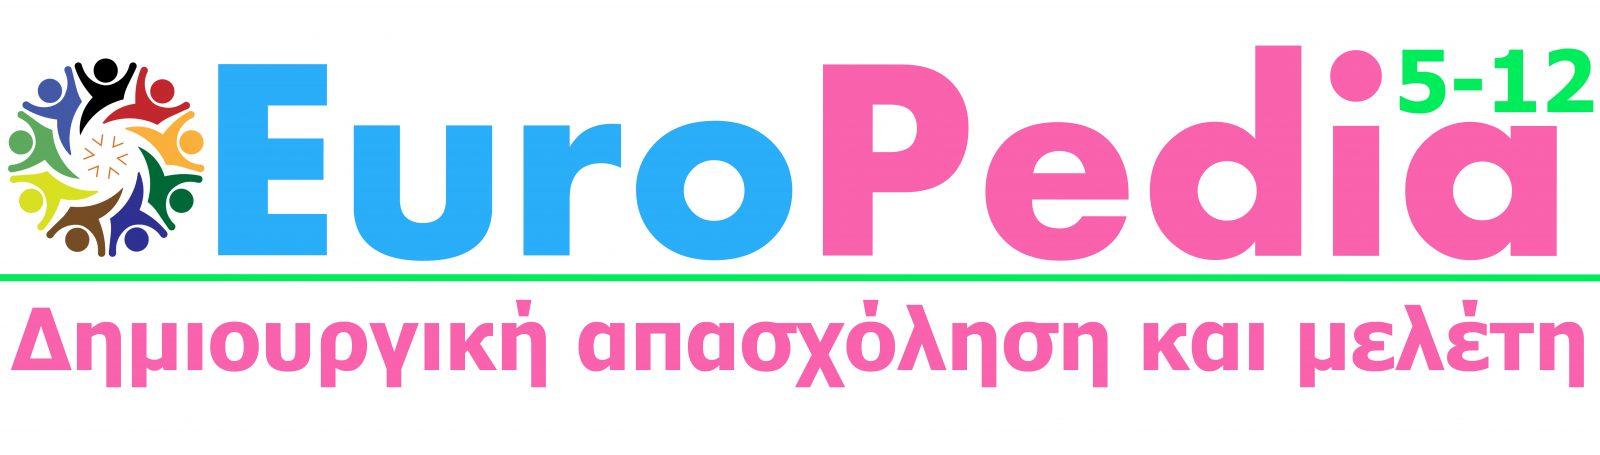 europedia-logo-kanoniko-teliko-e15372664